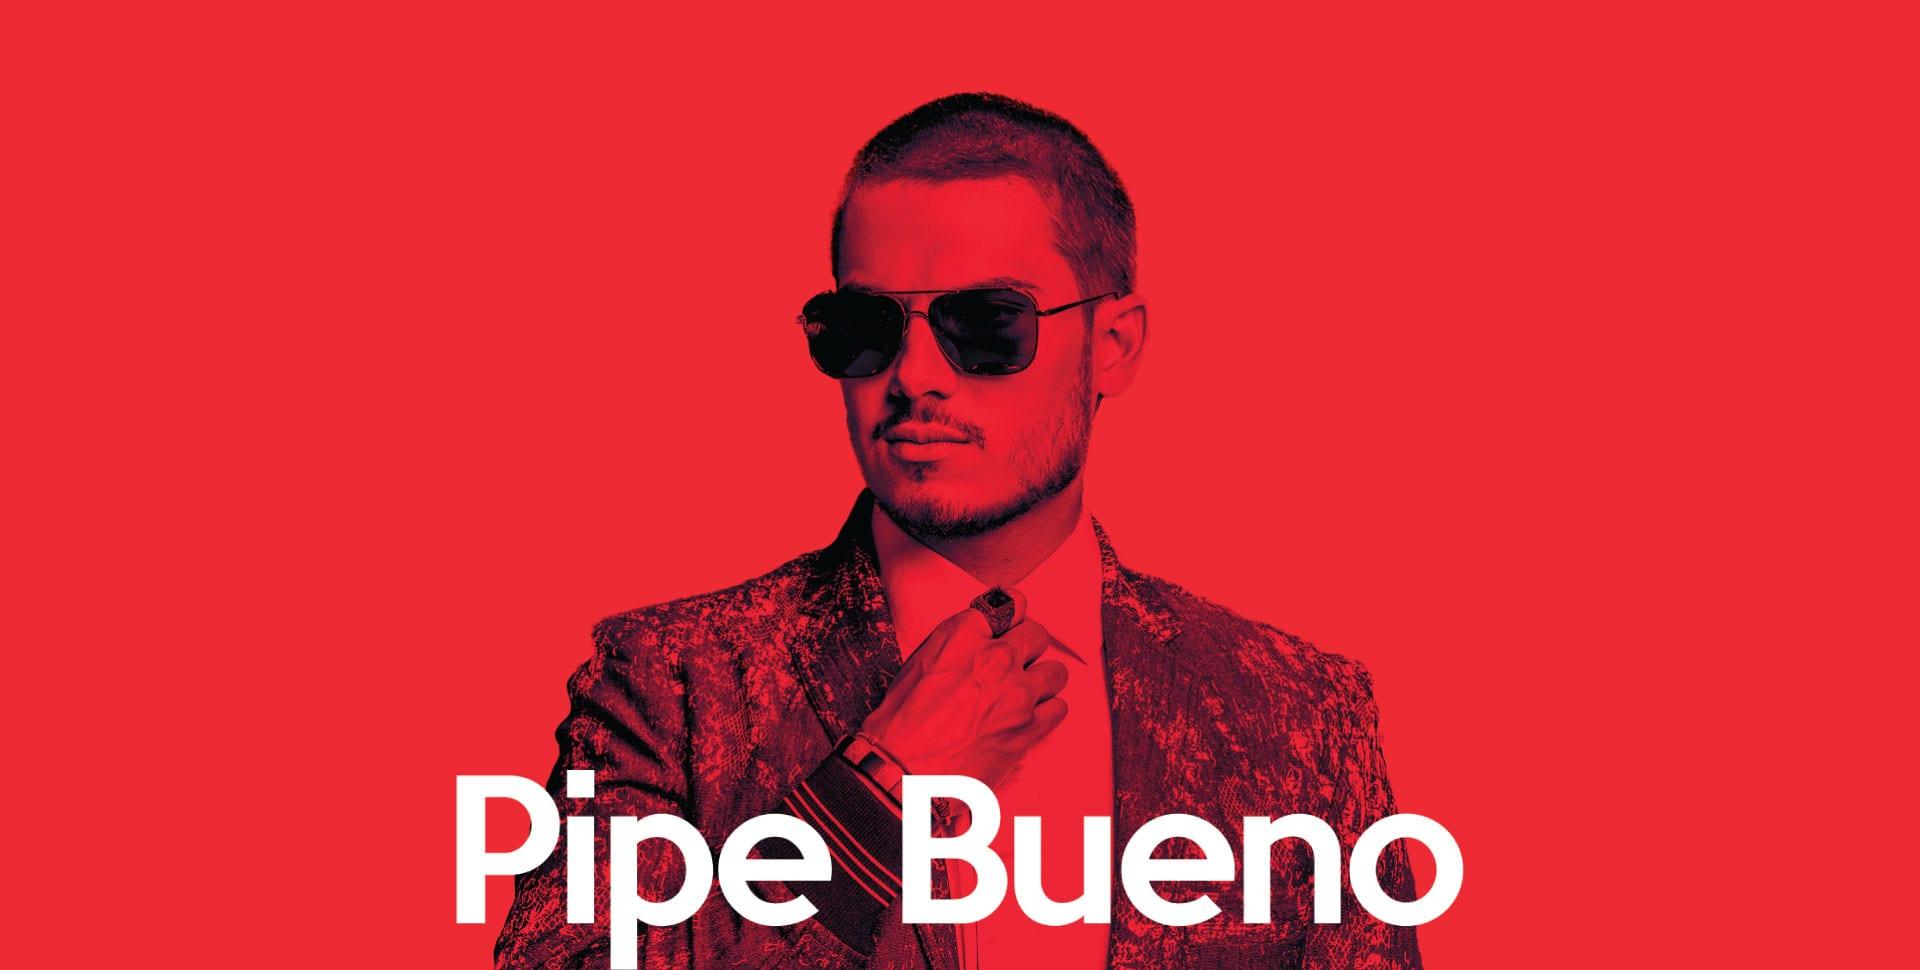 Pipe Bueno 2heart